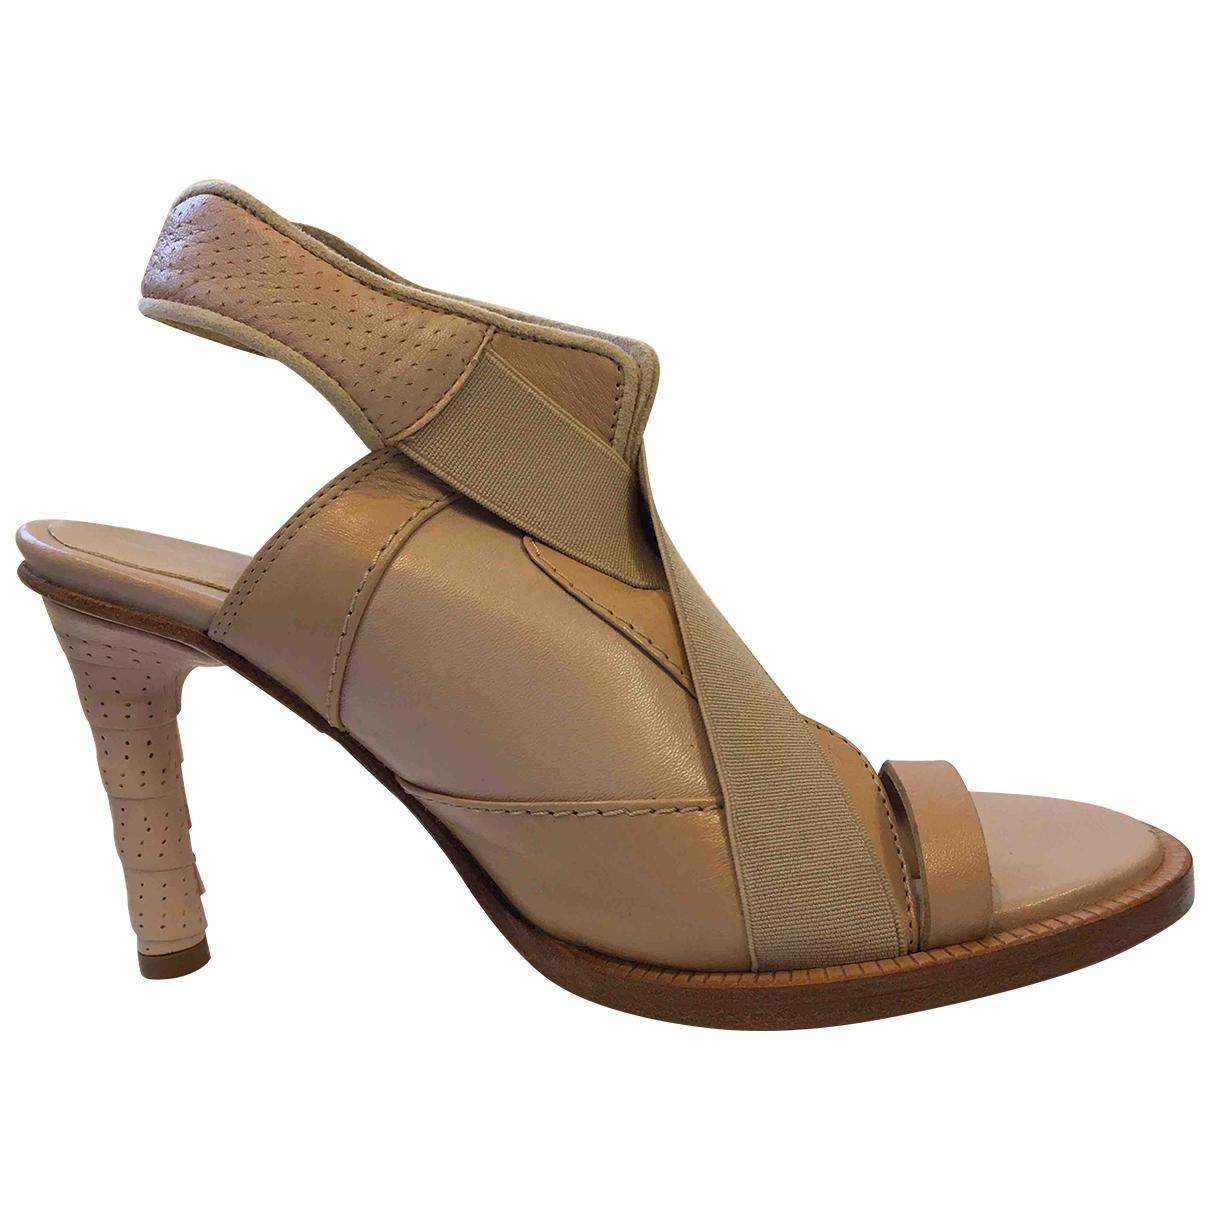 Lacoste \N Sandalen in  Beige Leder